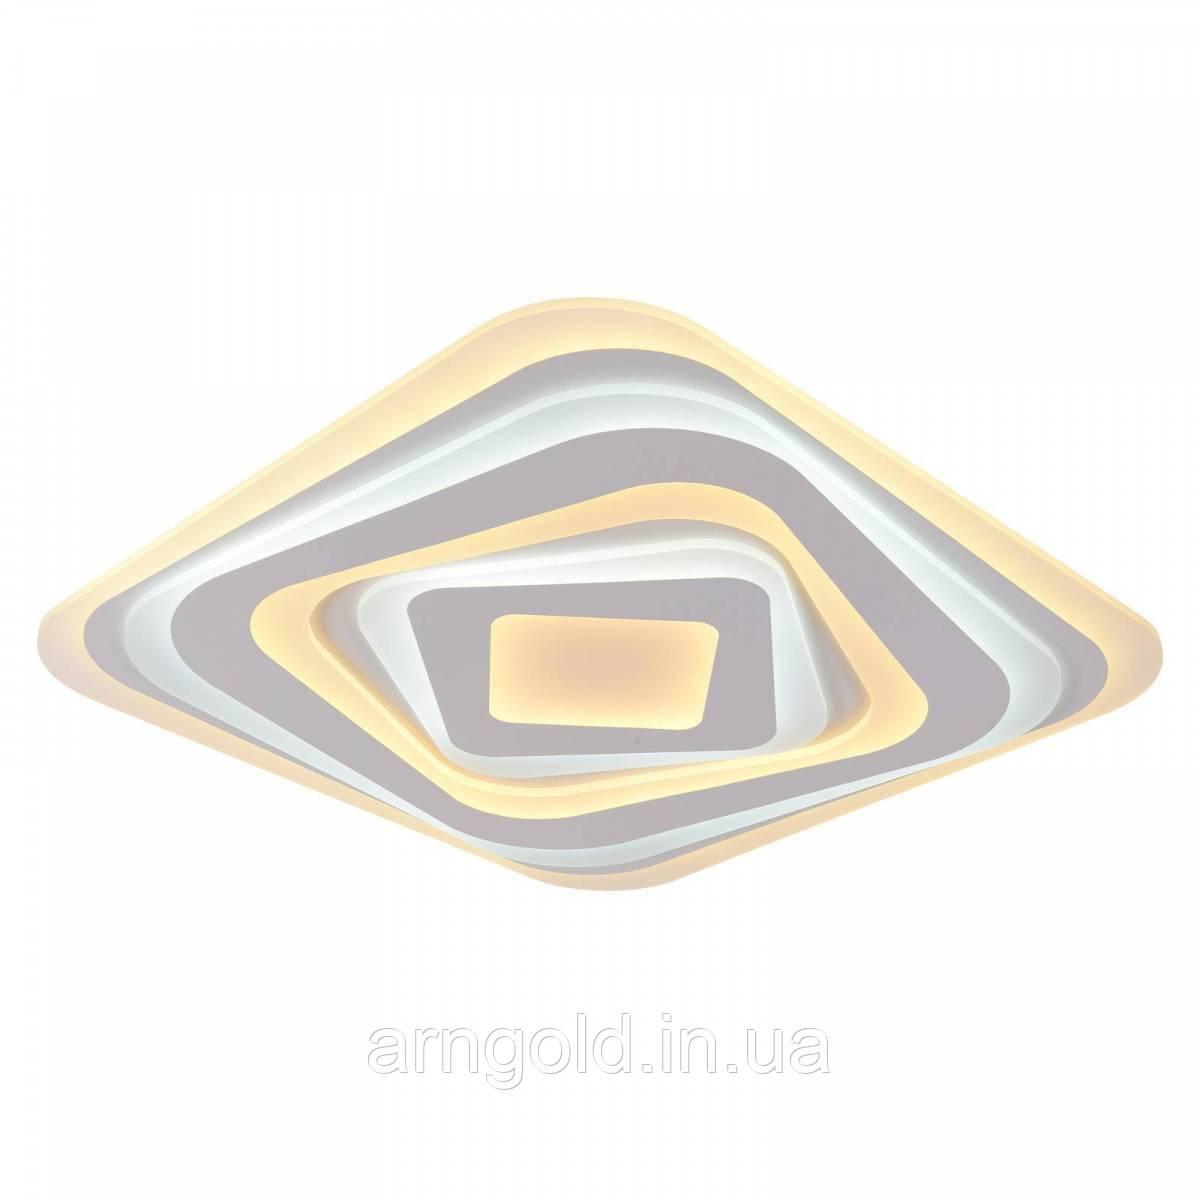 Люстра светодиодная потолочная квадрат 500мм 160 ватт 10-6704/500 (80W*2)